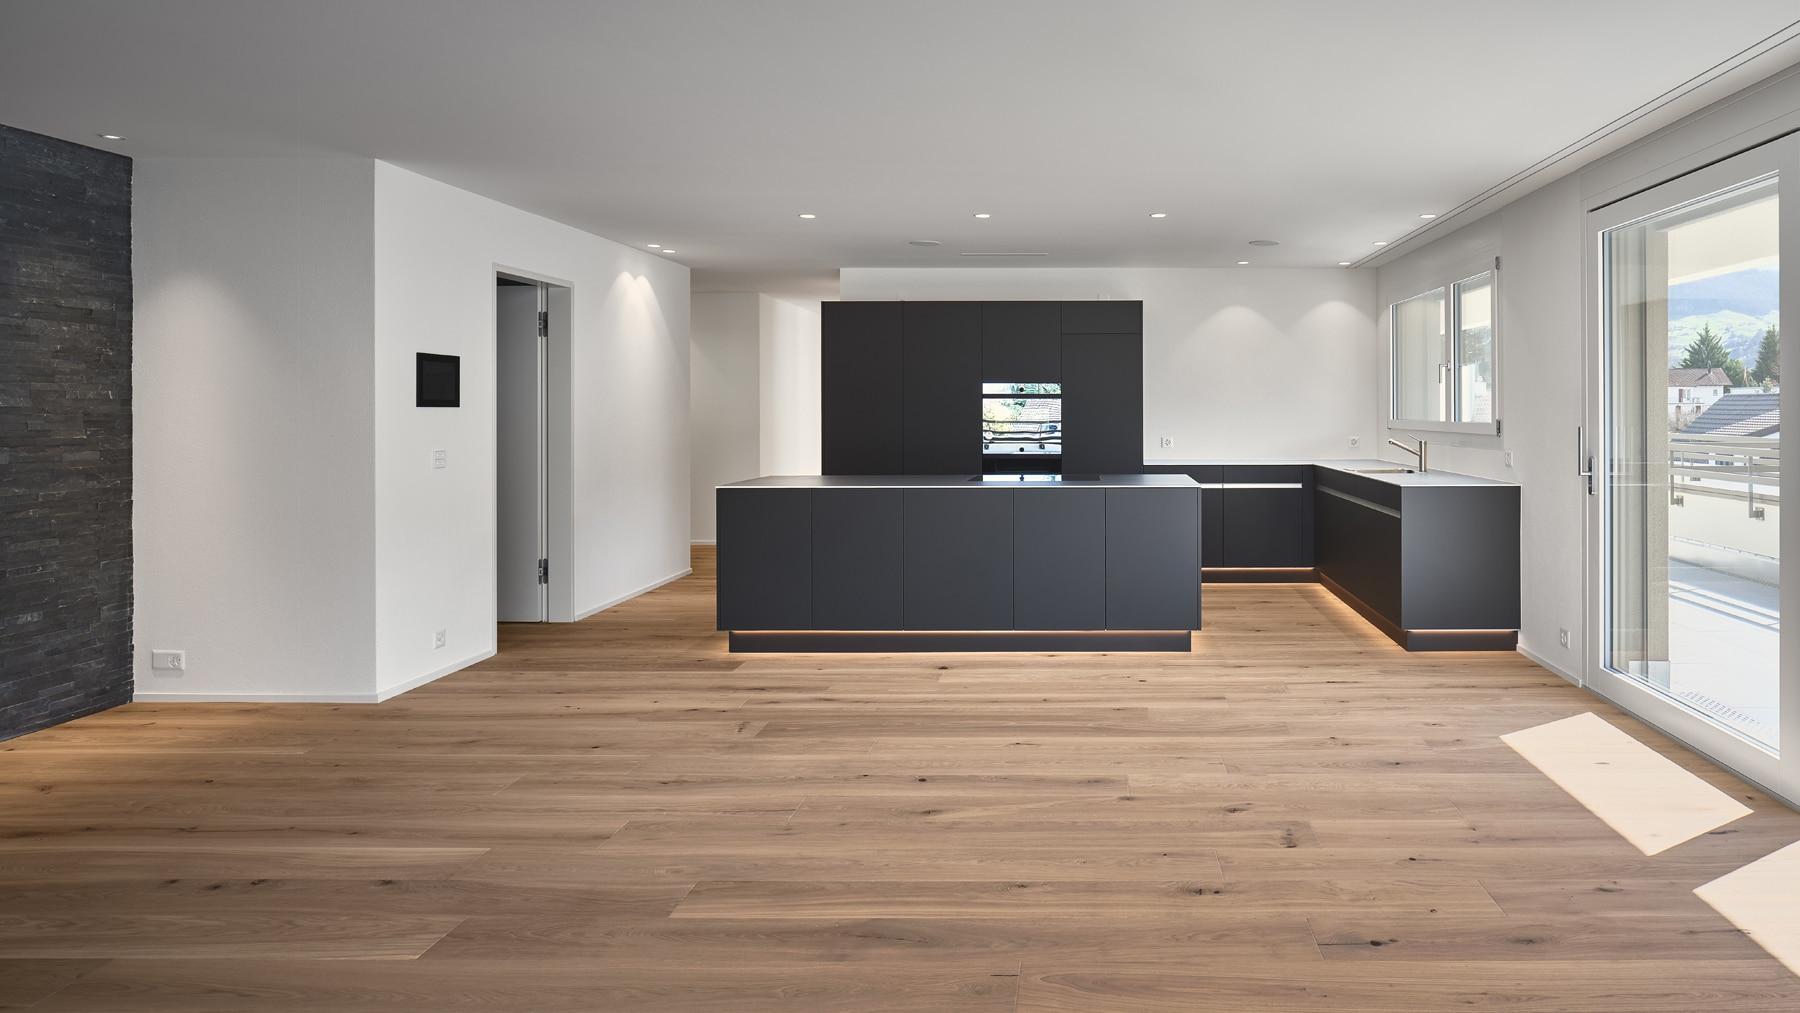 Architekturfotografie - Lachen/SZ - Langackerhof / Mächler Generalunternehmung AG